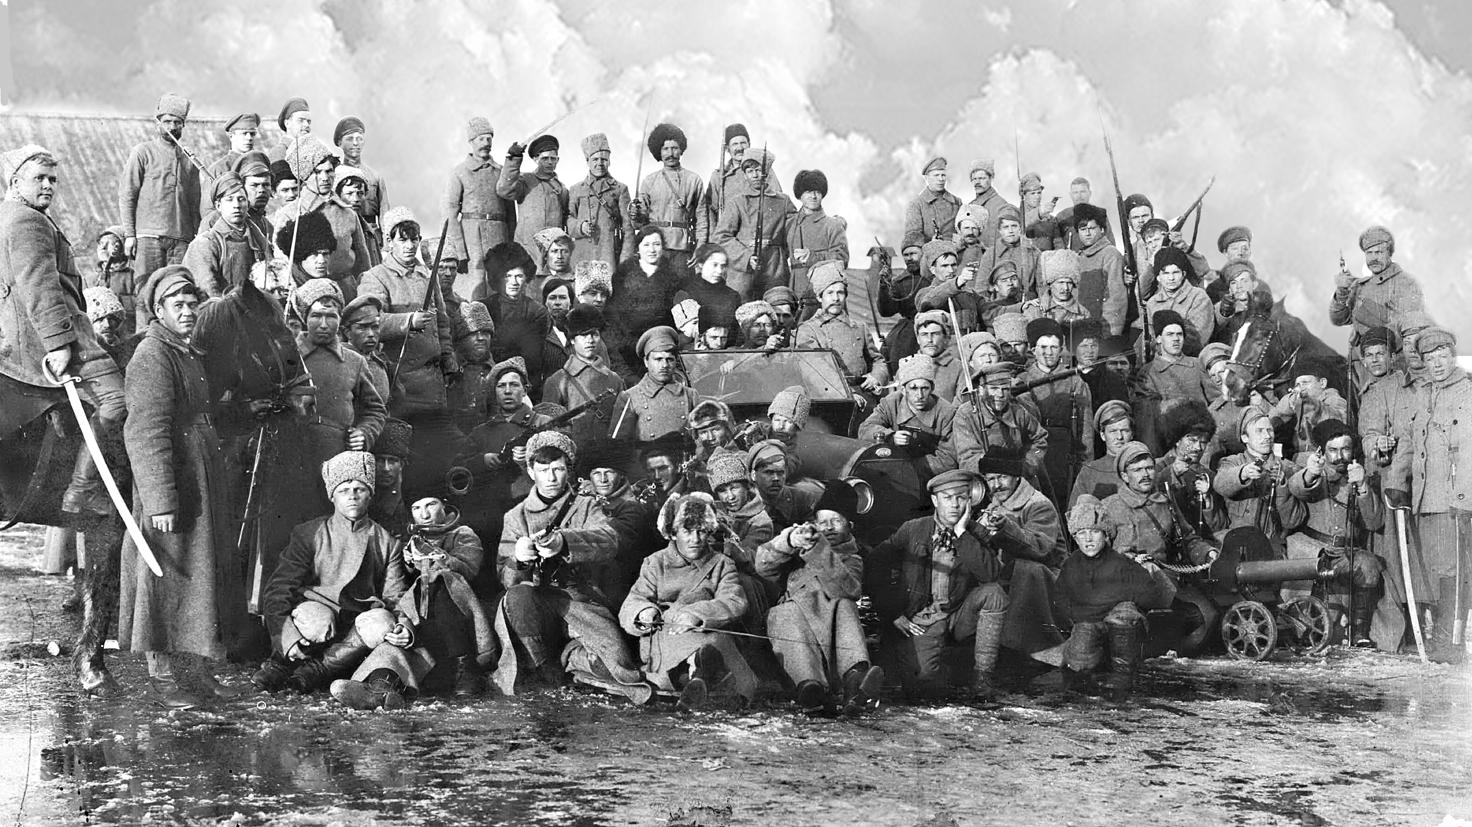 Первый отряд красной гвардии, созданный в Николаевске в 1918 году